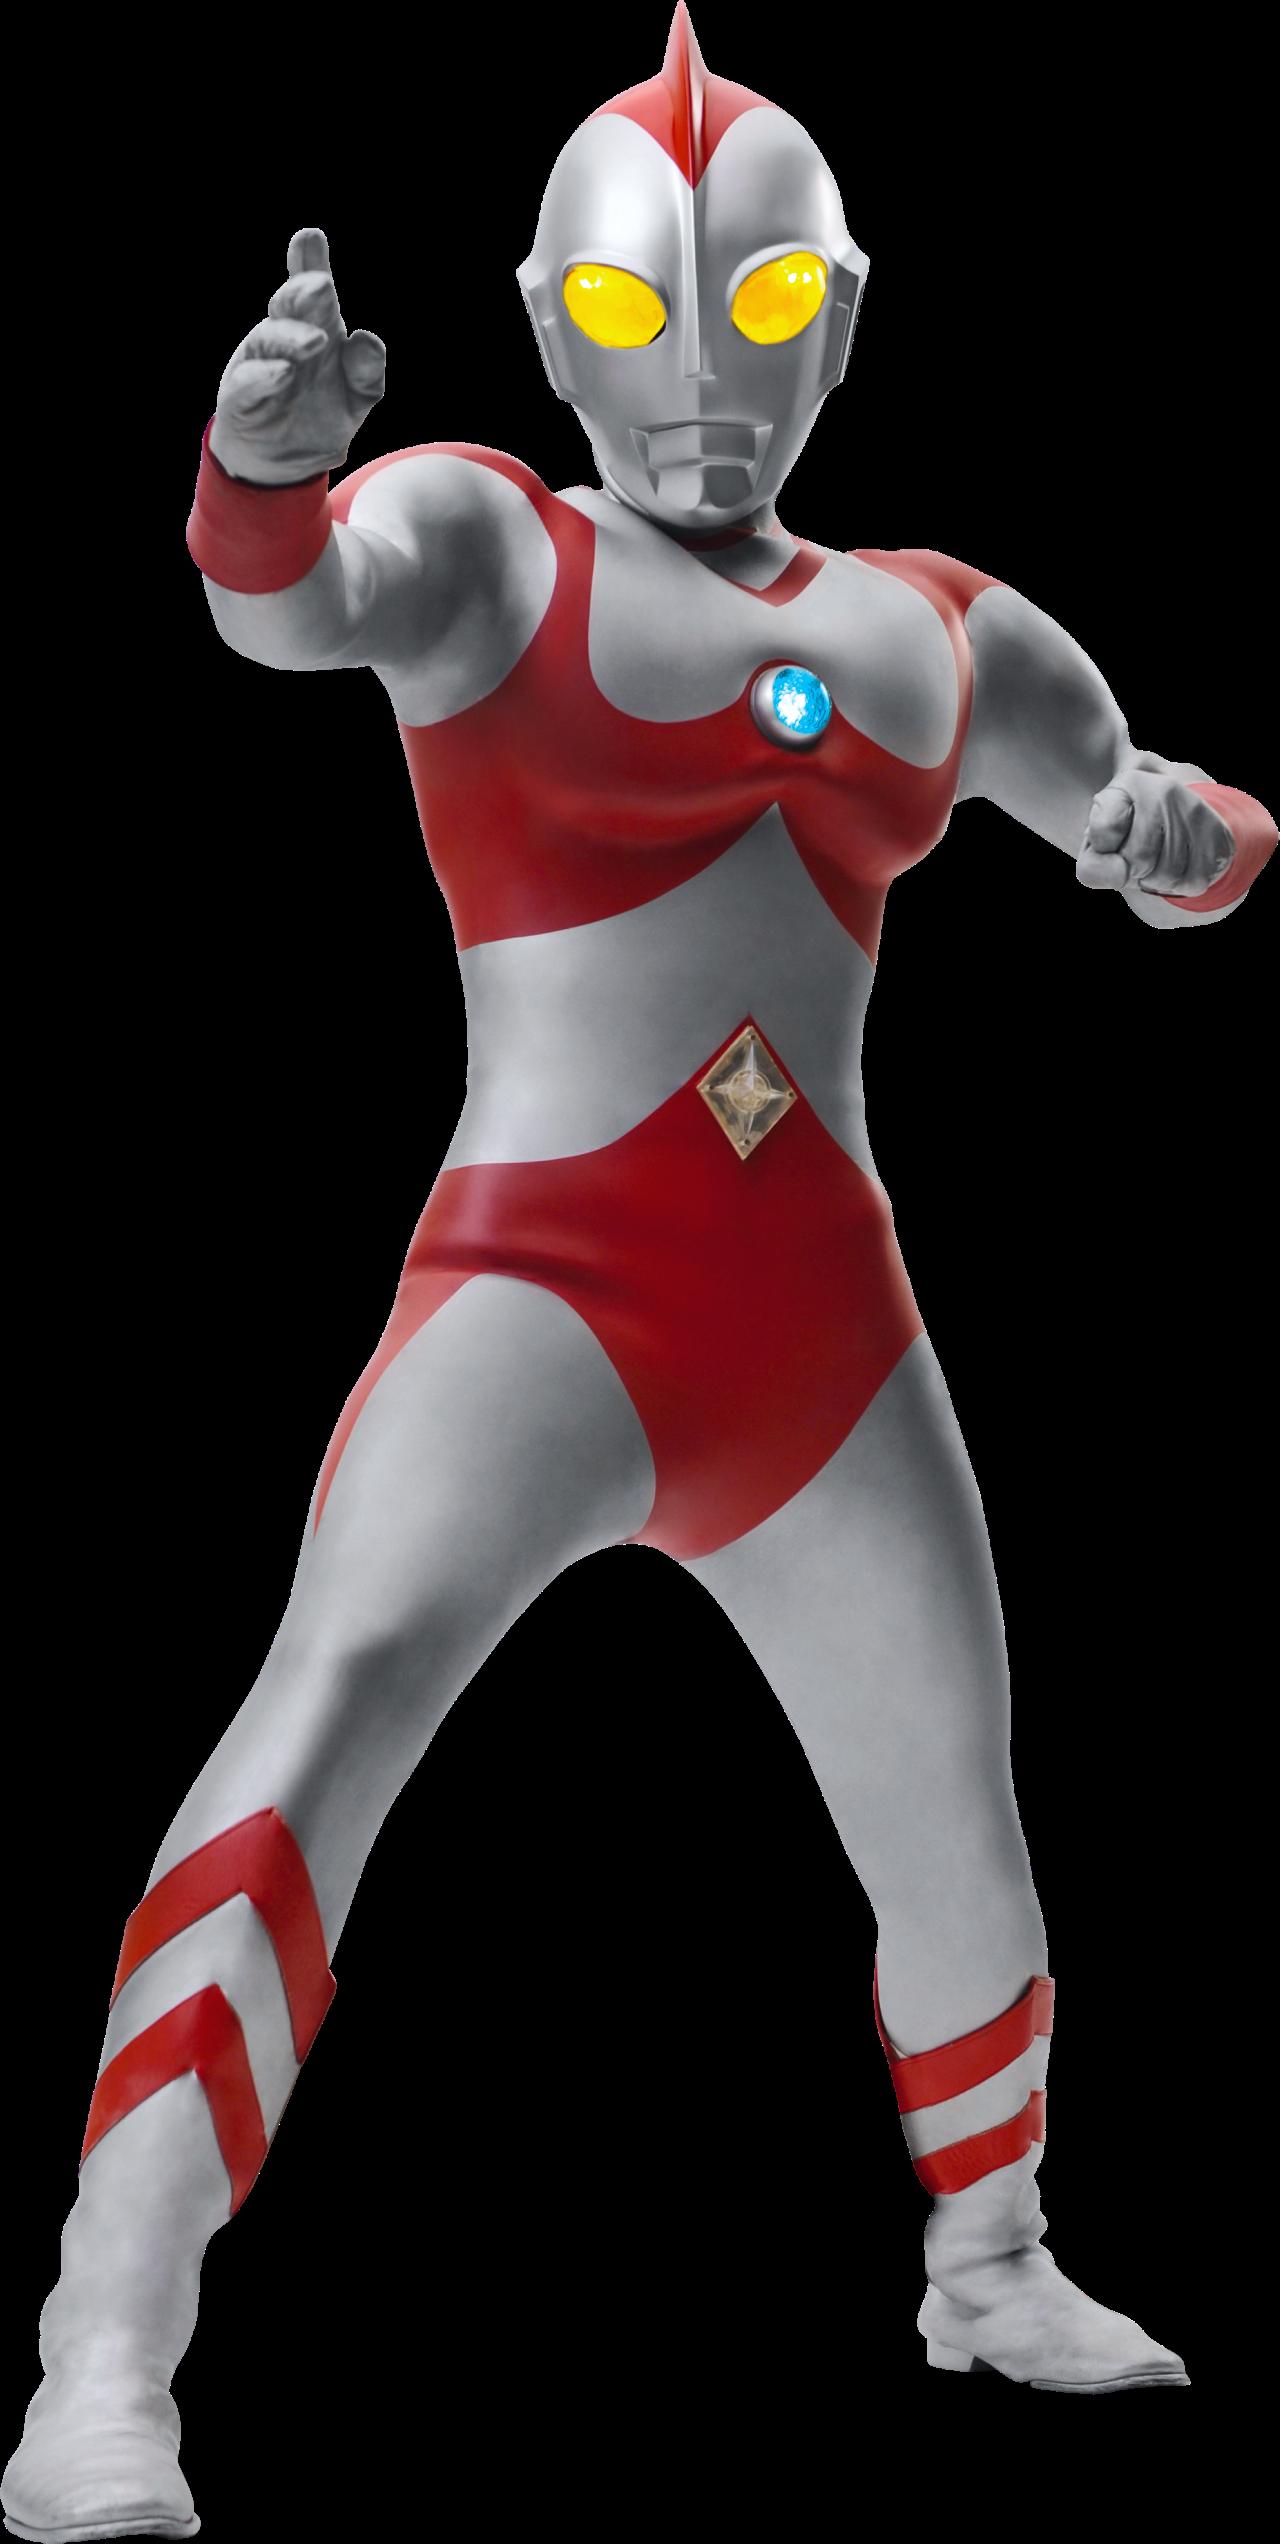 Ultraman 80 (character)